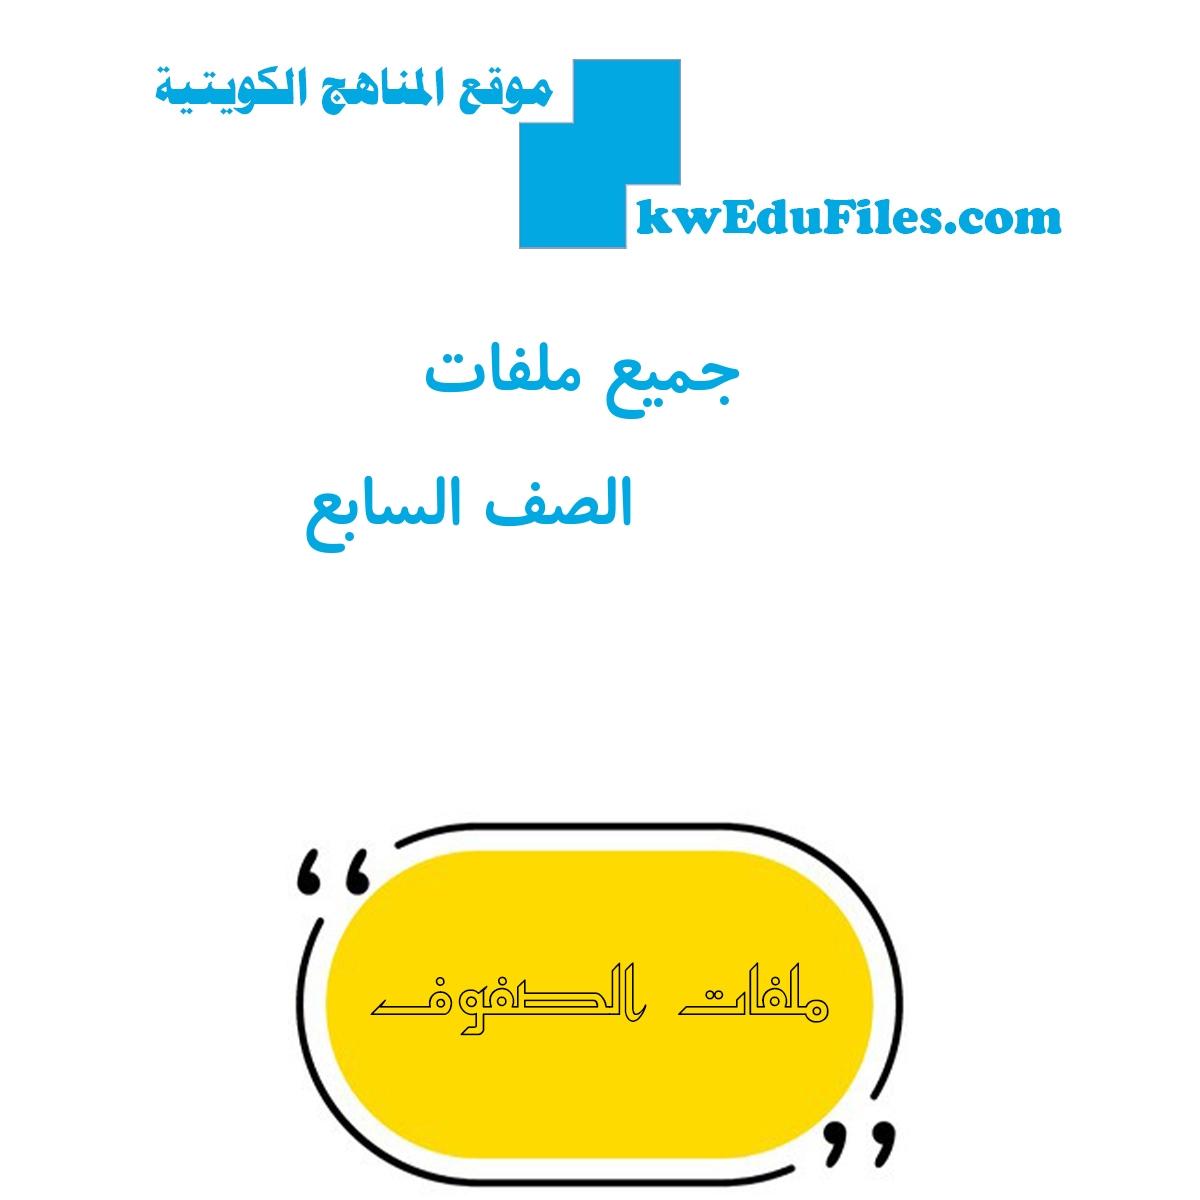 الصف السابع في الكويت